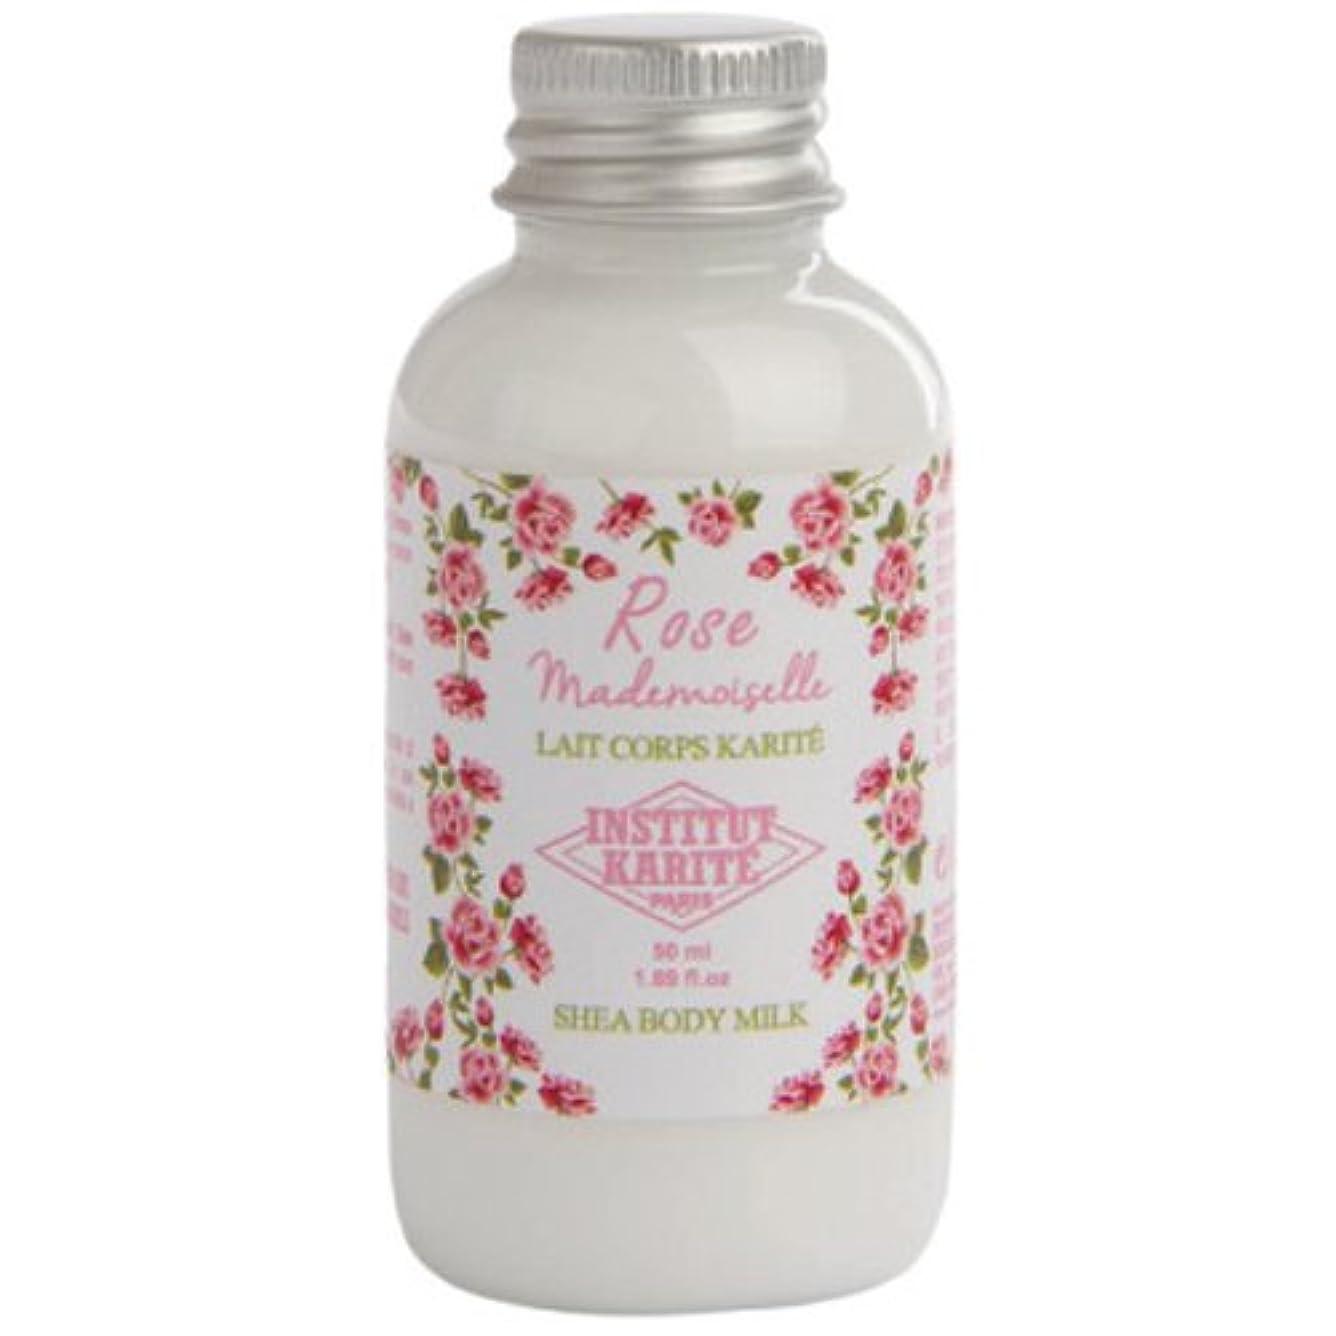 戦略場所司教INSTITUT KARITE カリテ Rose Mademoiselle クラシックローズ Travel Shea Body Milk 50ml